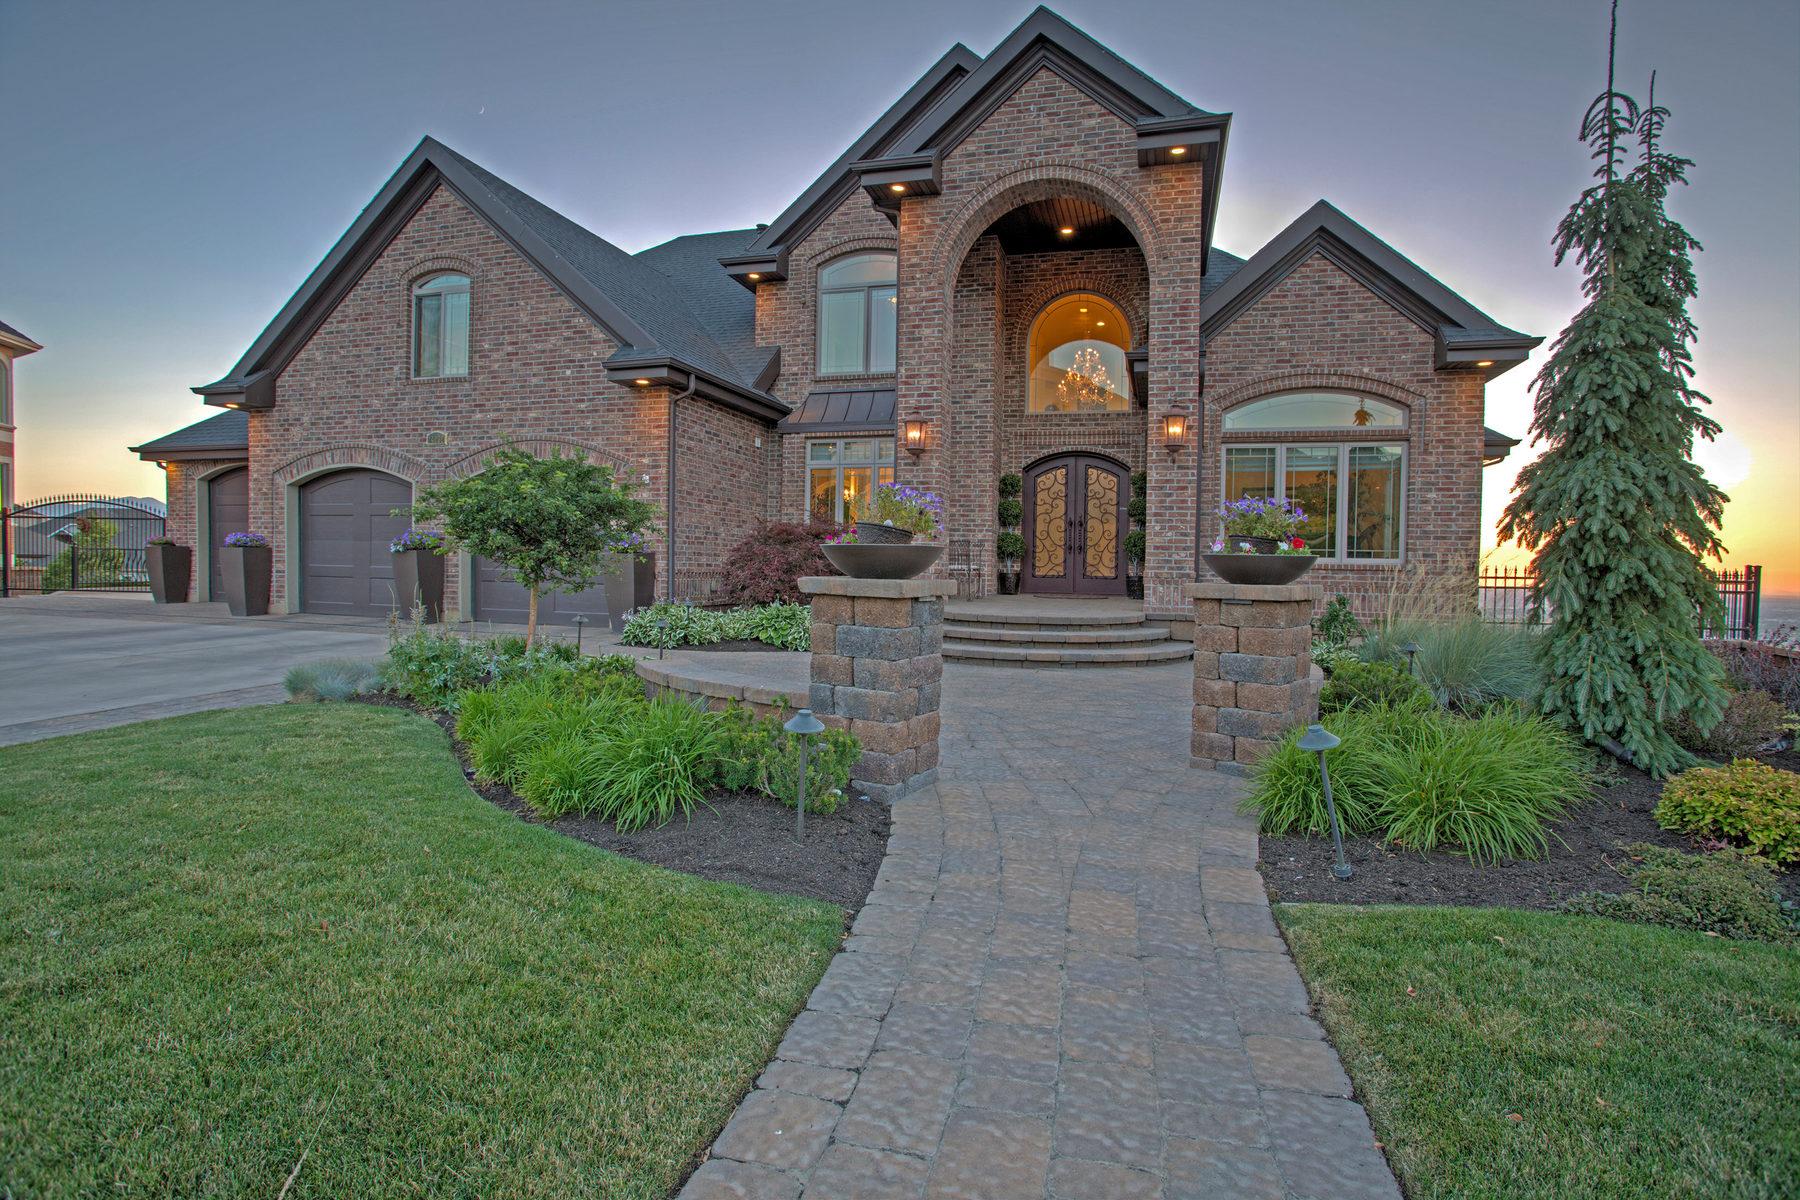 独户住宅 为 销售 在 Corner Canyon Grandeur 14032 S Canyon Vista Ln 德雷帕, 犹他州, 84020 美国